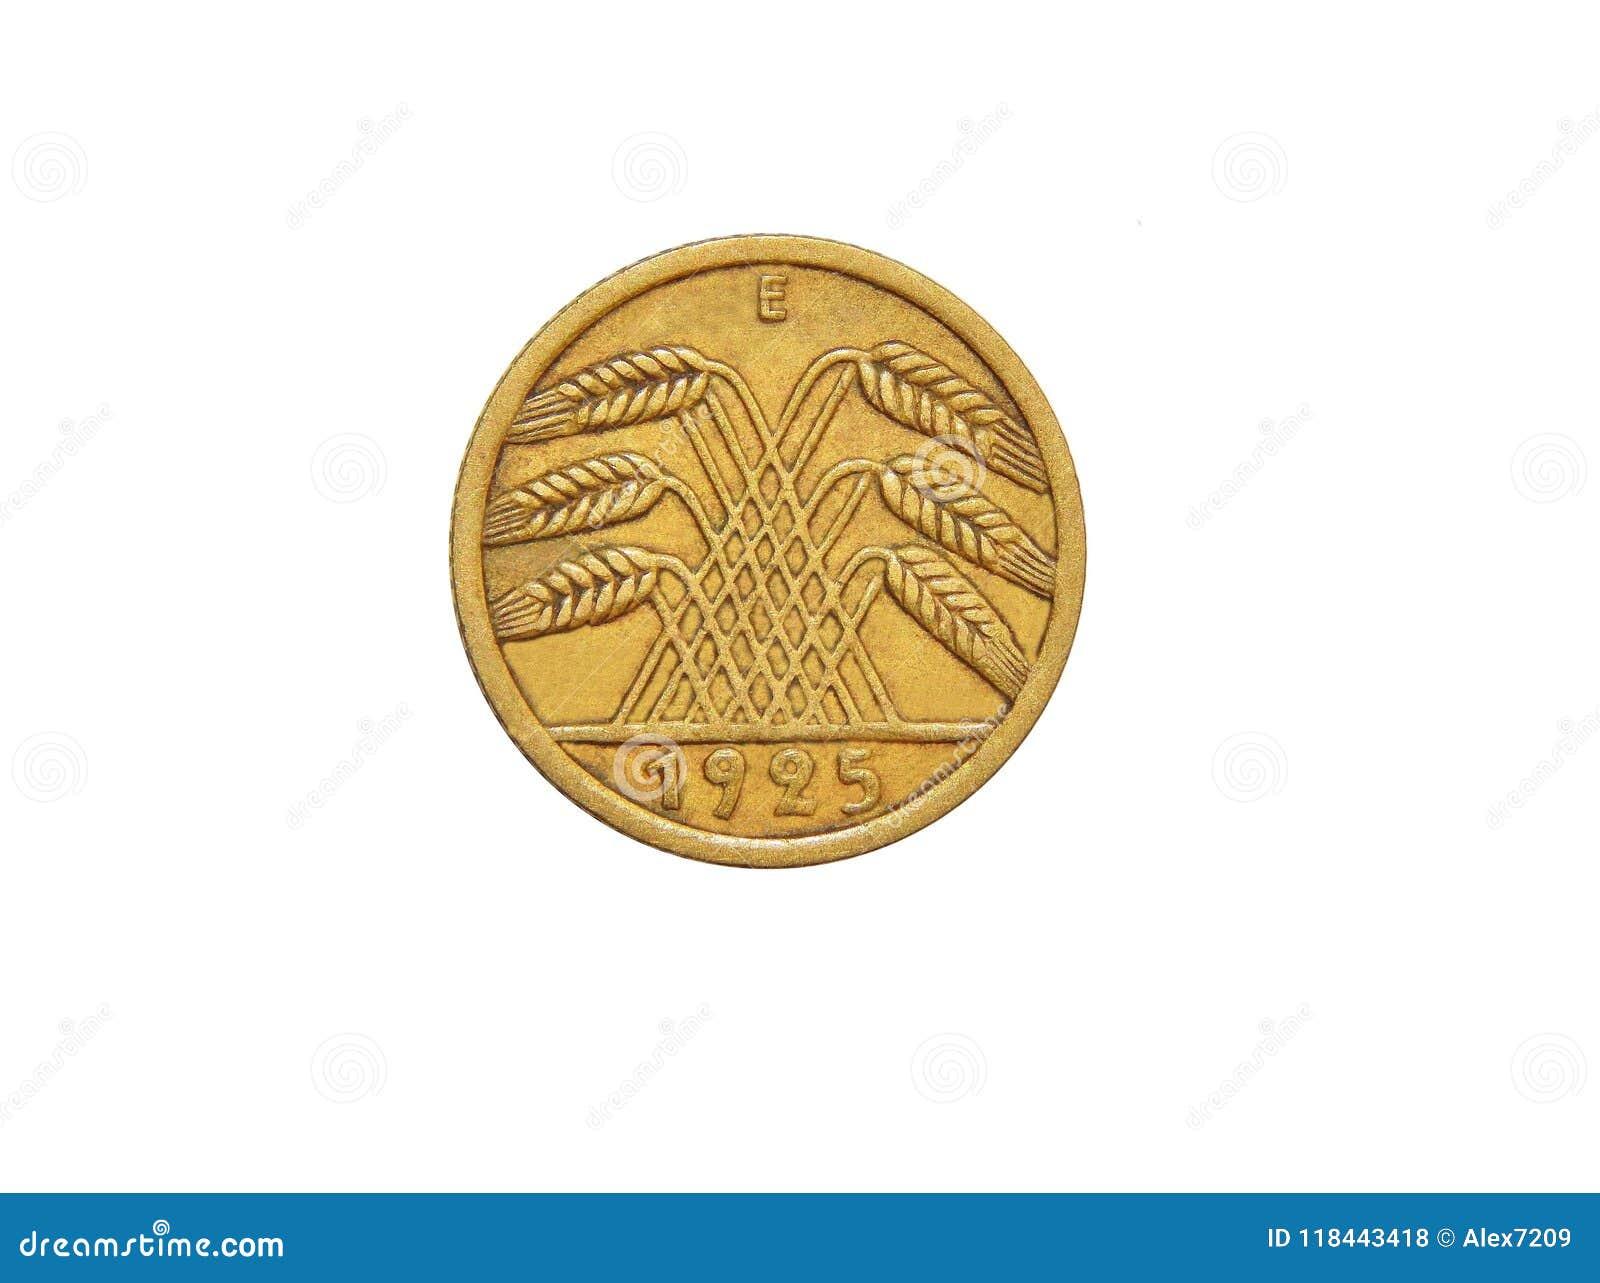 Moneta Niemcy 5 Reichspfennig Weimar republika